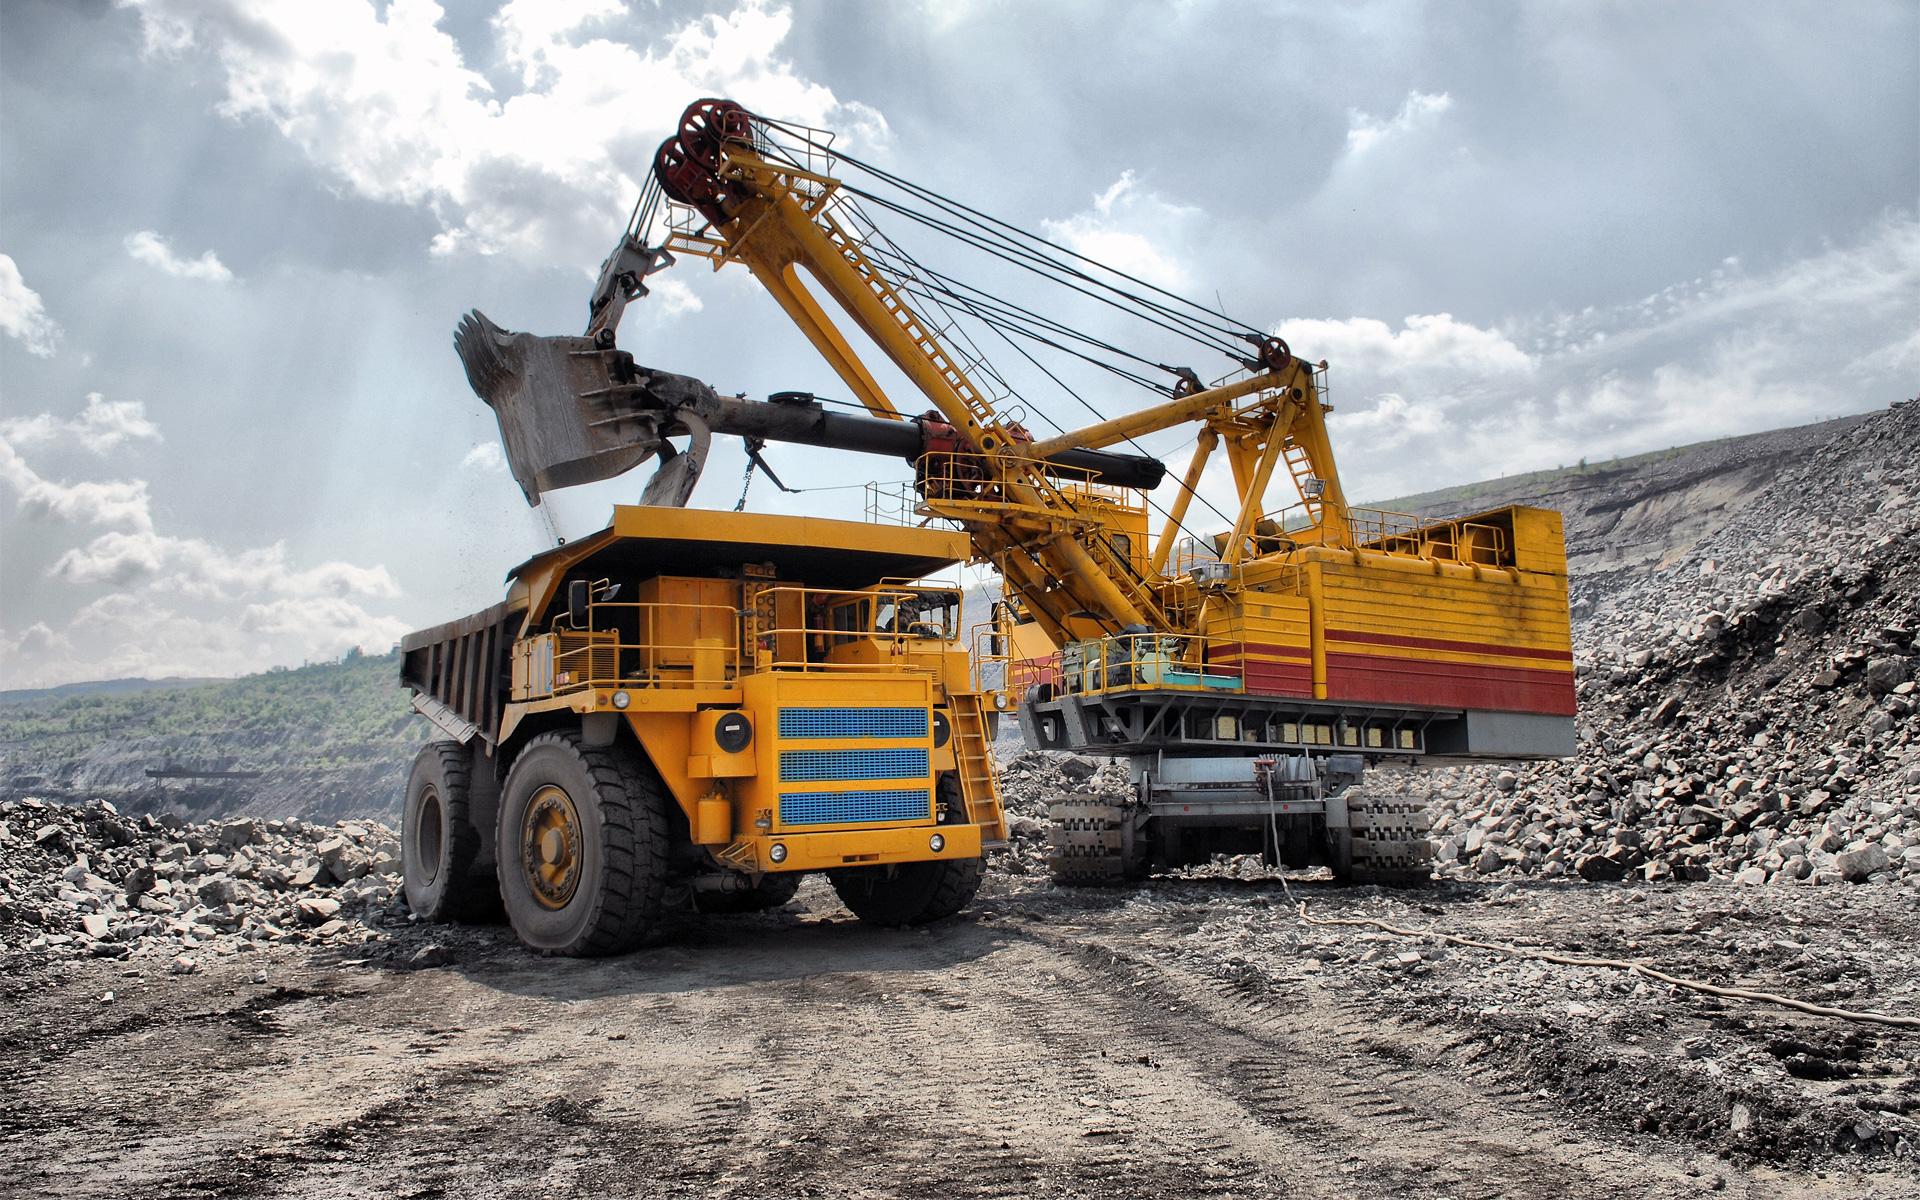 Mining industry 2